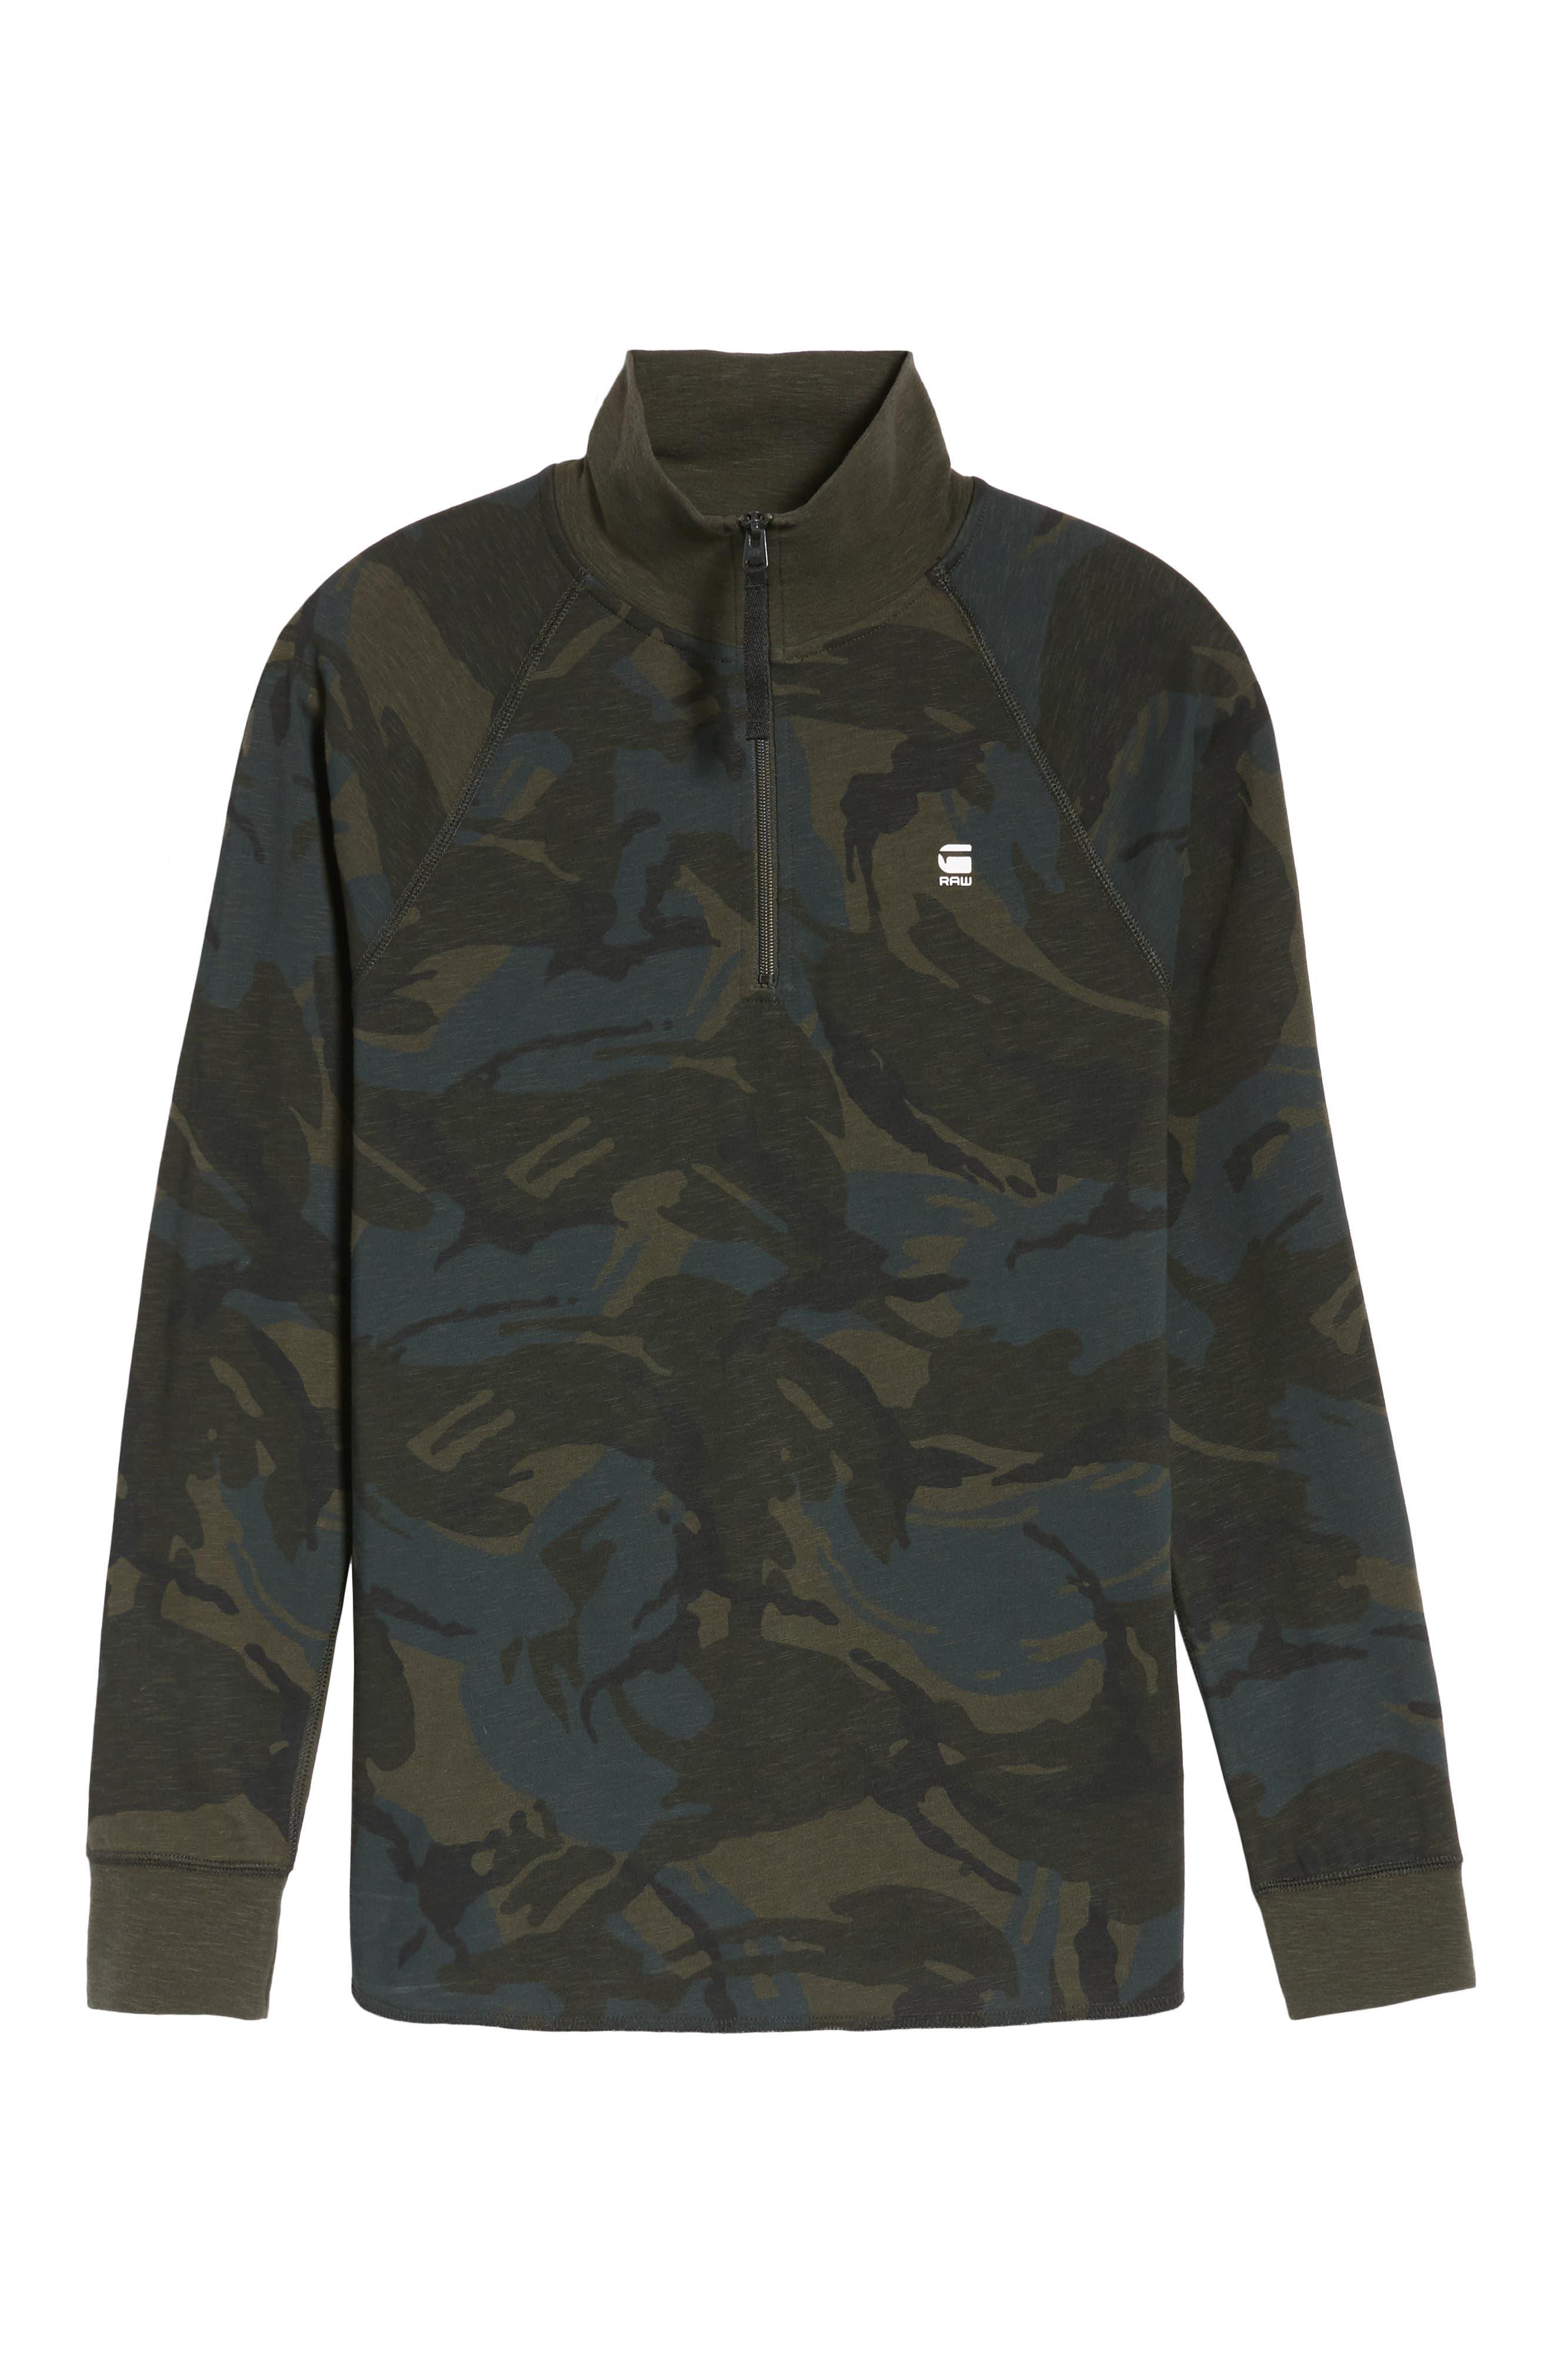 Jirgi Quarter Zip Jacket,                             Alternate thumbnail 6, color,                             300